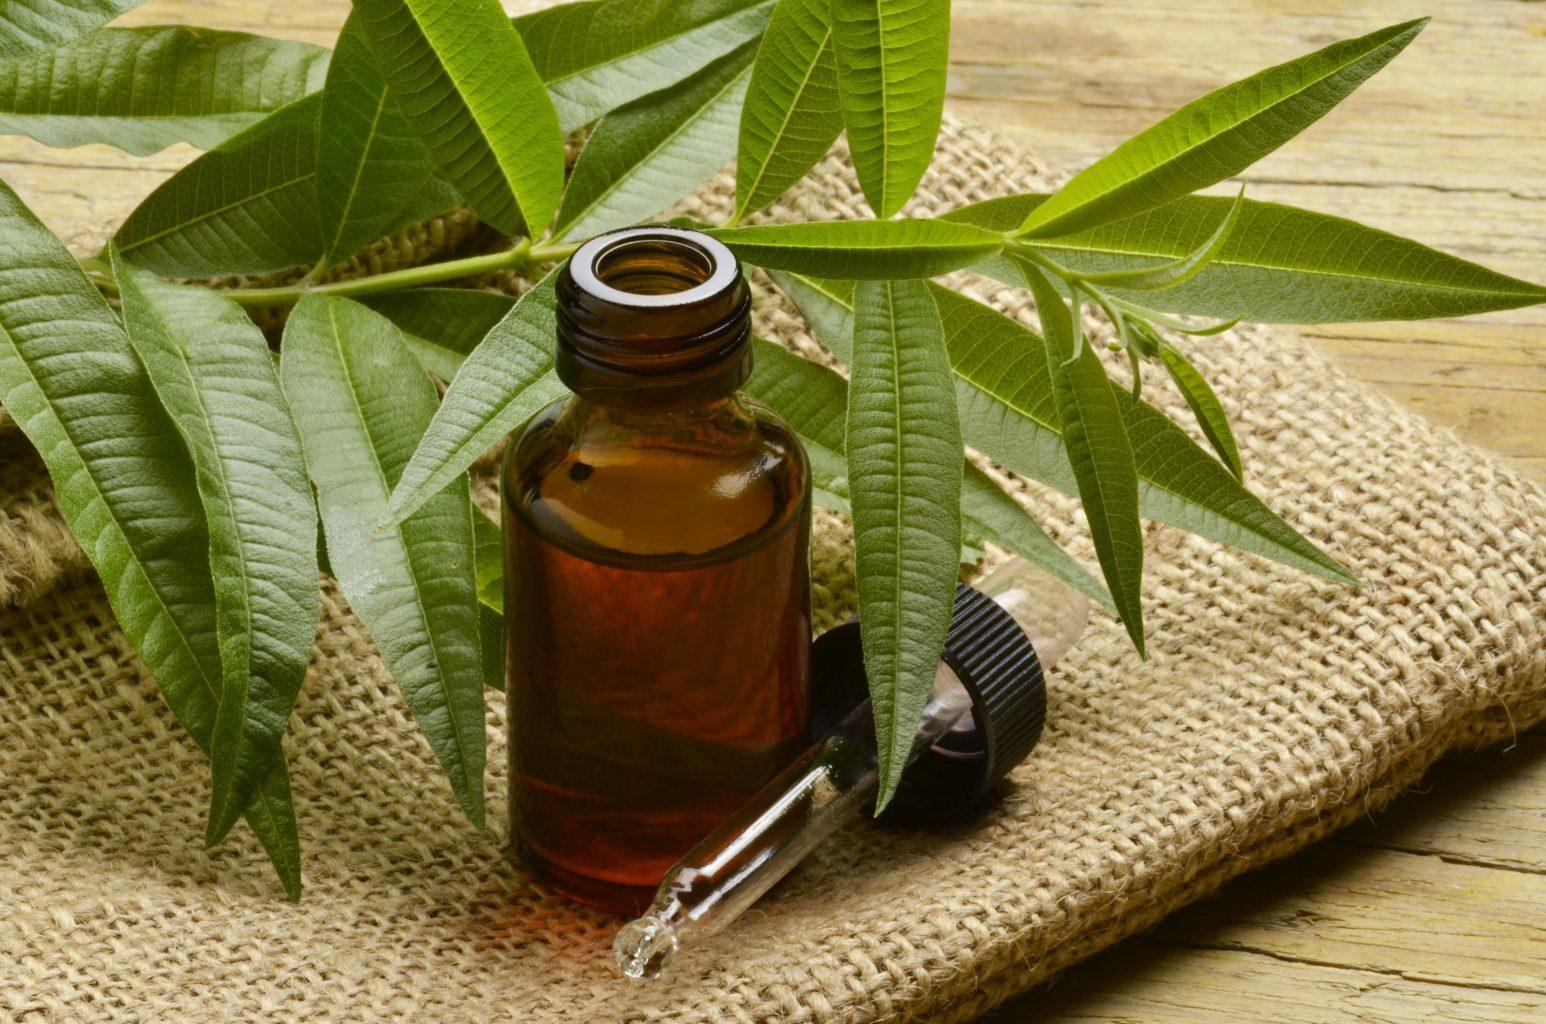 Масло чайного дерева для лица: свойства и применение